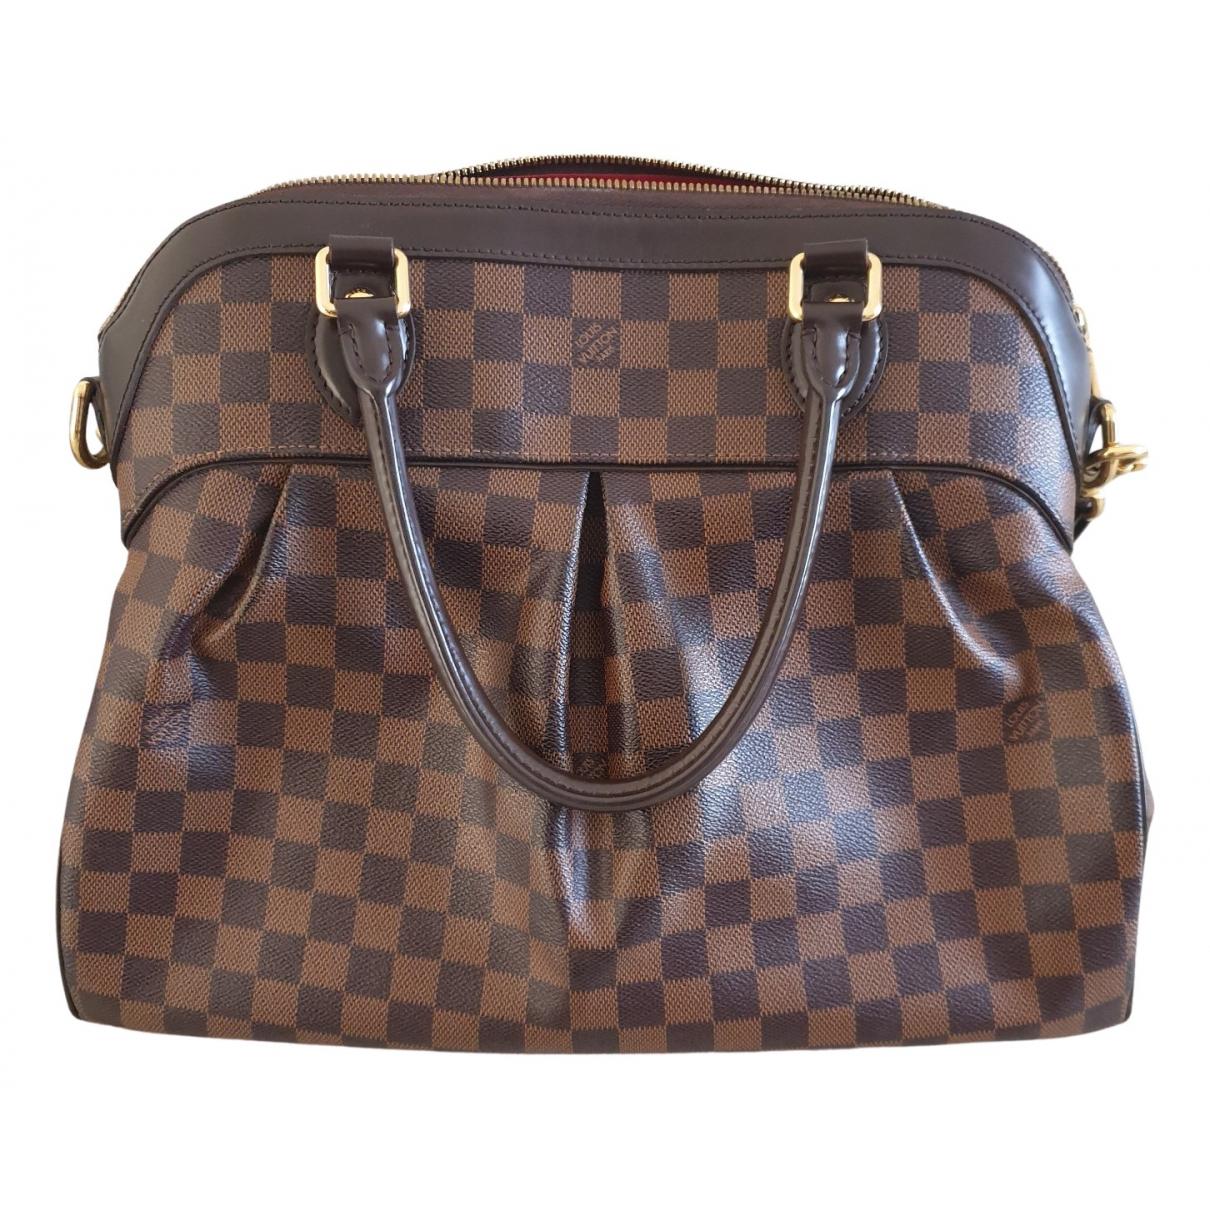 Louis Vuitton - Sac a main Trevi pour femme en toile - marron